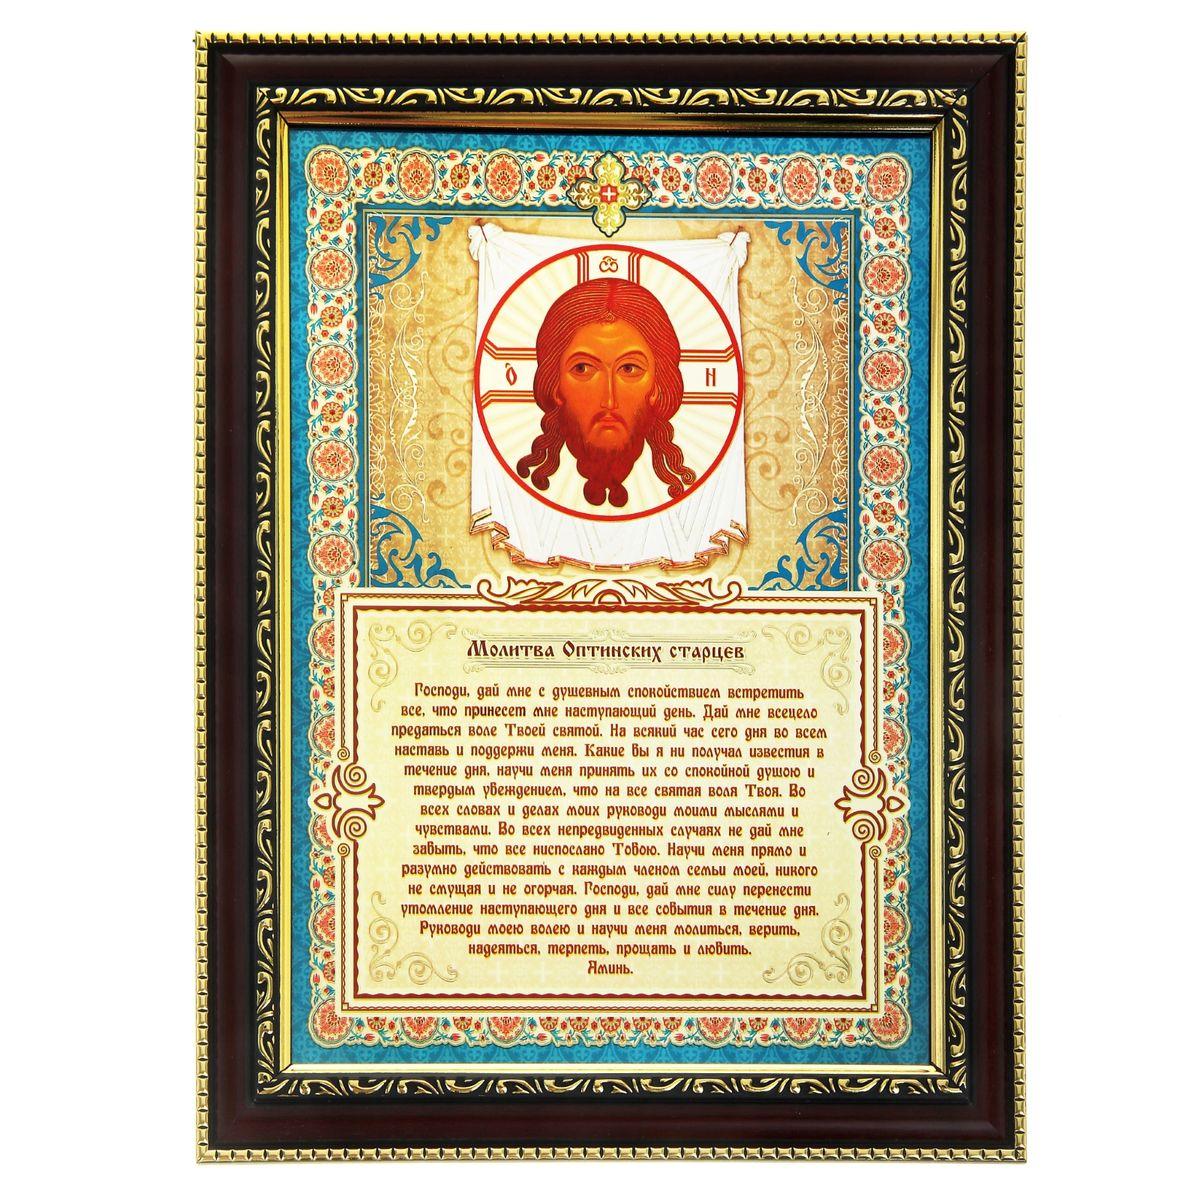 Икона с молитвой Молитва Оптинских старцев, 26 см х 34,5 см185070Икона Молитва Оптинских старцев состоит из деревянной рамки с пластиковым орнаментом и со стеклом, в которую вставлен фольгированный лист с изображением православной иконы и молитвы. С задней стороны имеется ножка для удобного размещения на плоской горизонтальной поверхности. Изображенный образ полностью соответствует канонам Русской Православной Церкви. Такая икона в рамке привнесет в ваш дом согласие и мир и будет прекрасным подарком, оберегающим близких вам людей.